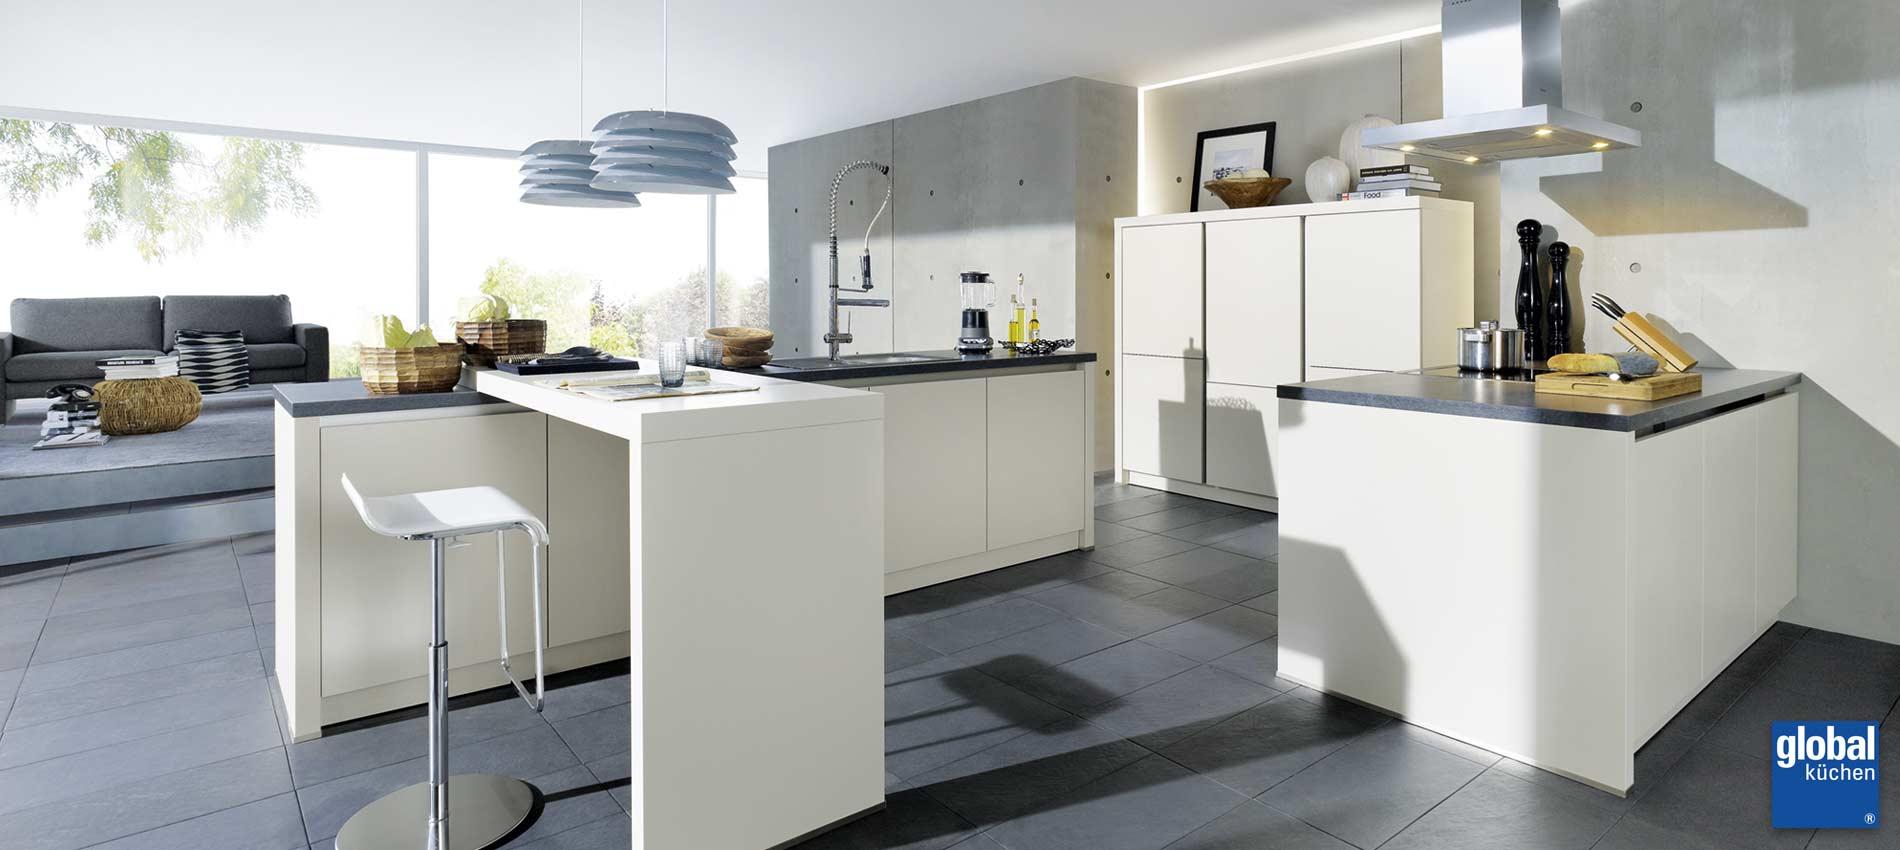 Wunderbar Küchen 50 W Ideen - Küche Set Ideen - deriherusweets.info